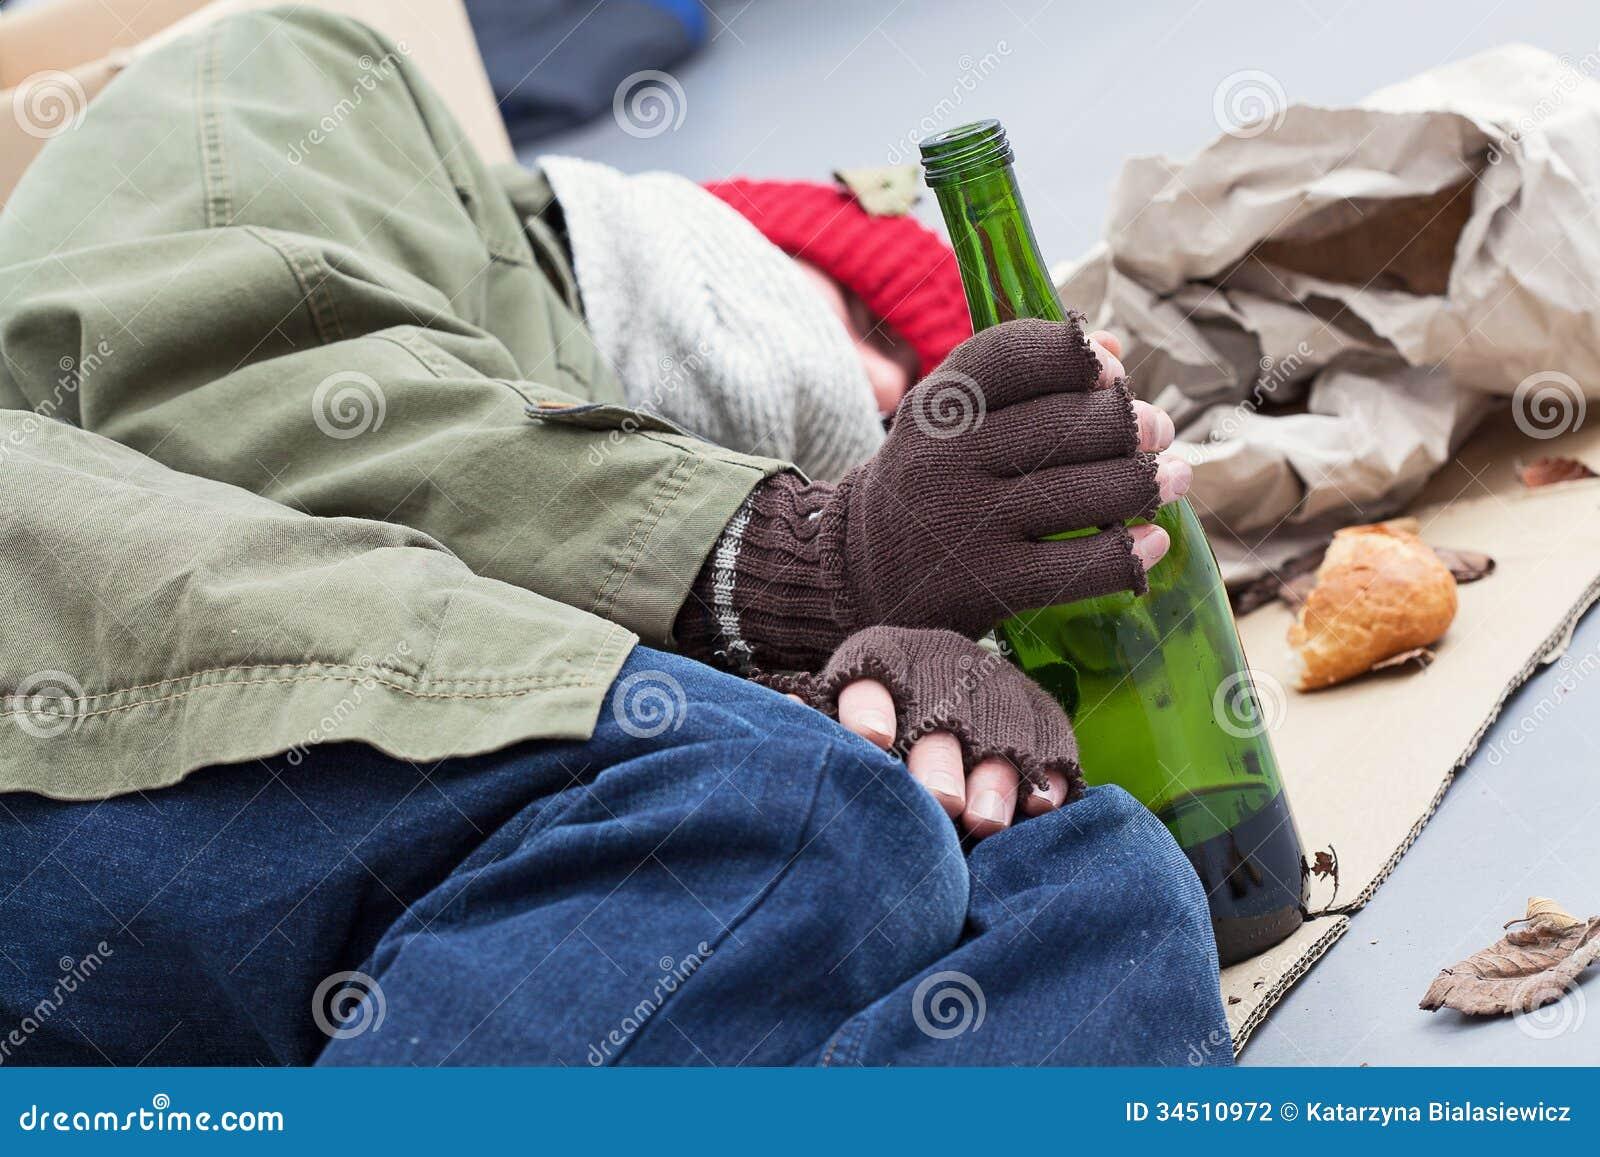 Alcoólico desabrigado em uma rua